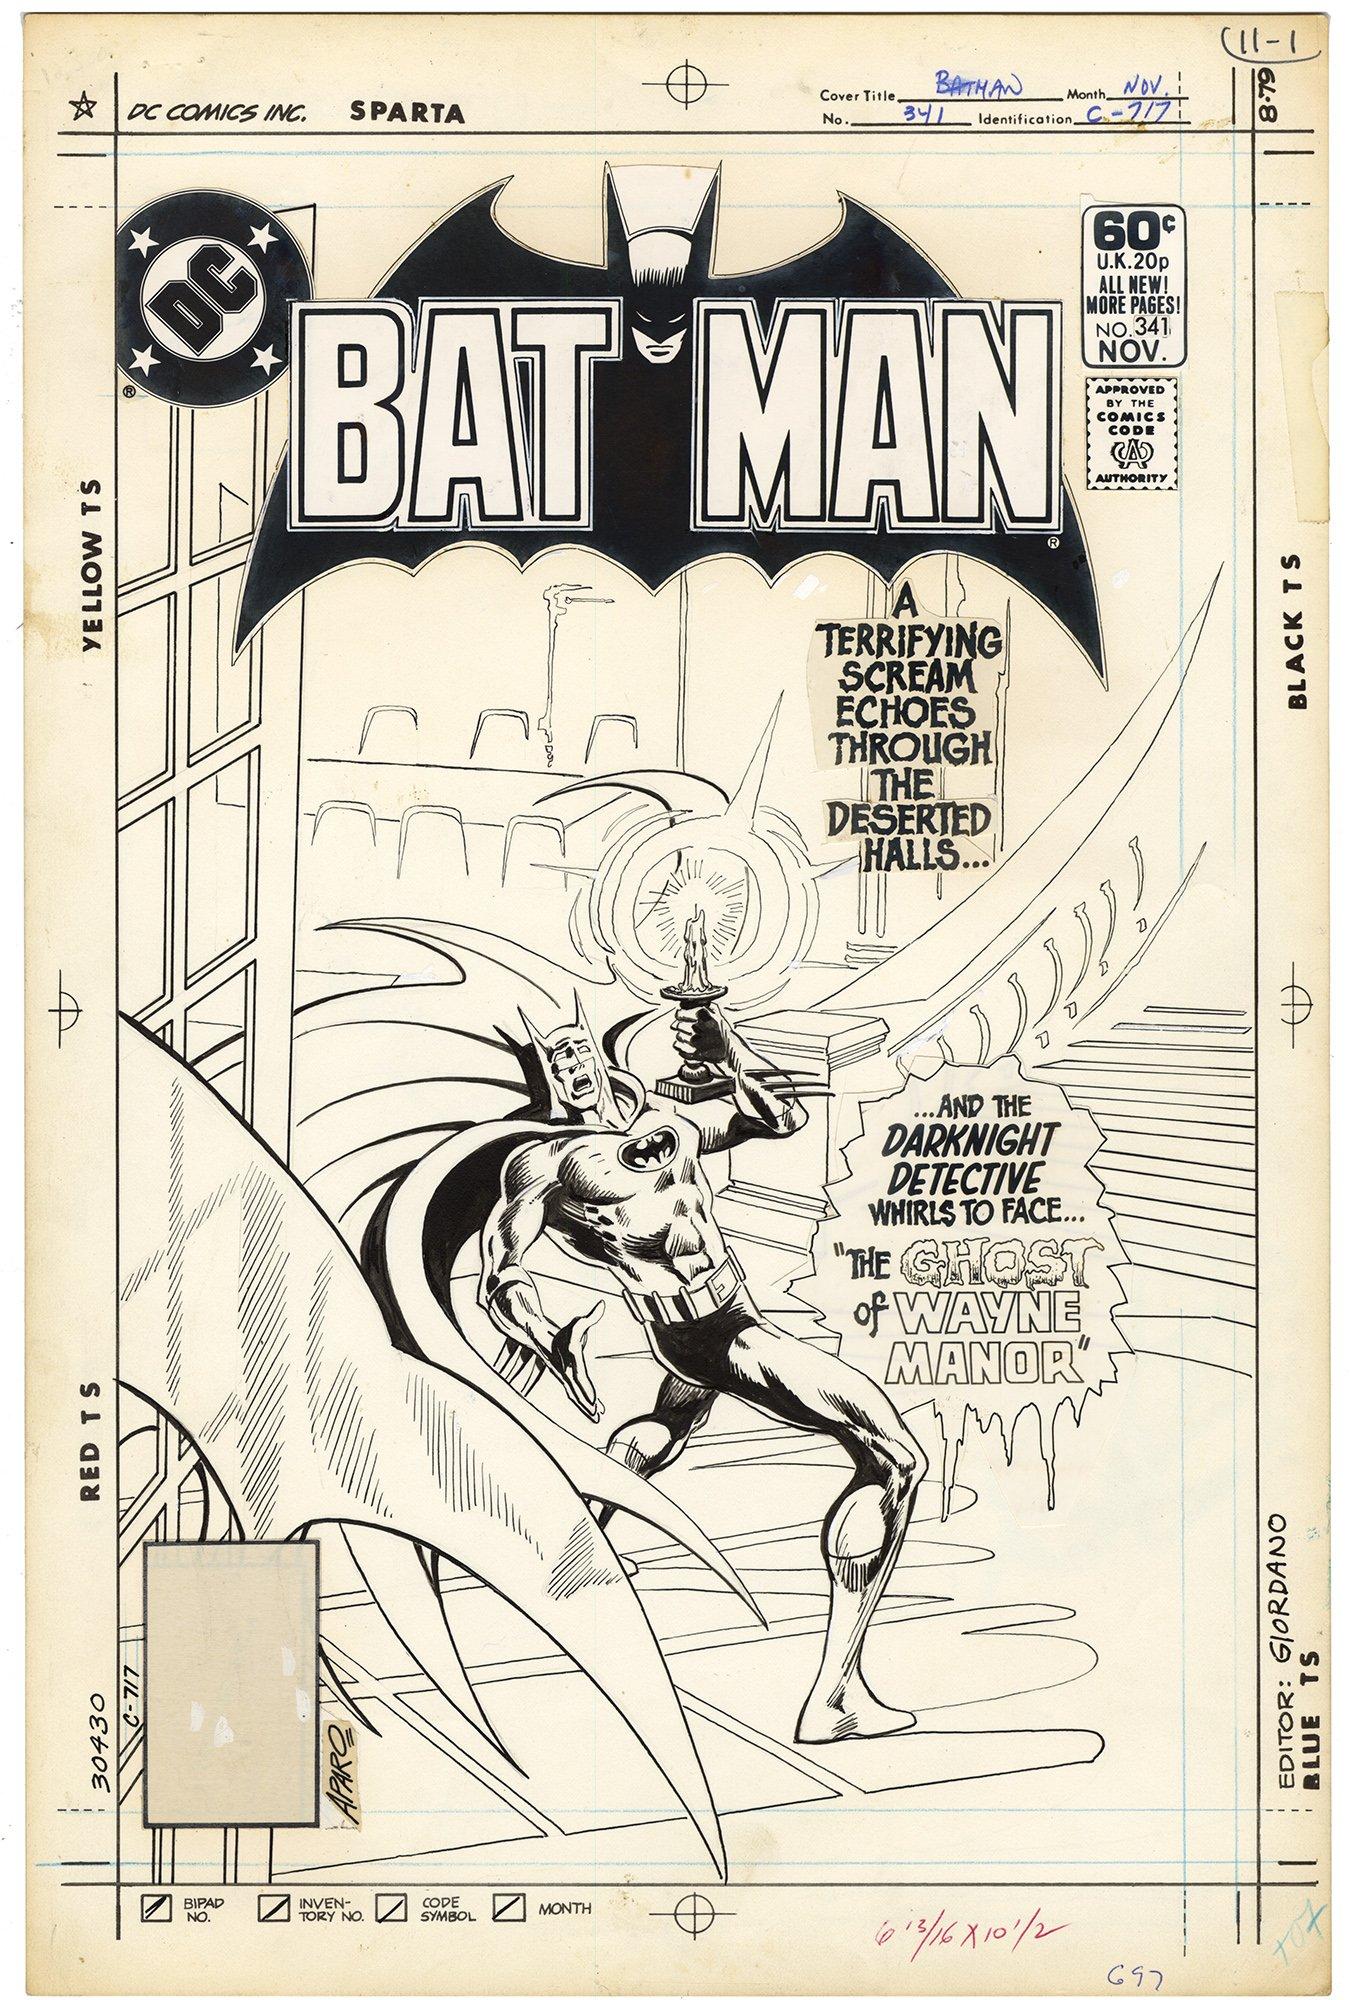 Batman #341 Cover